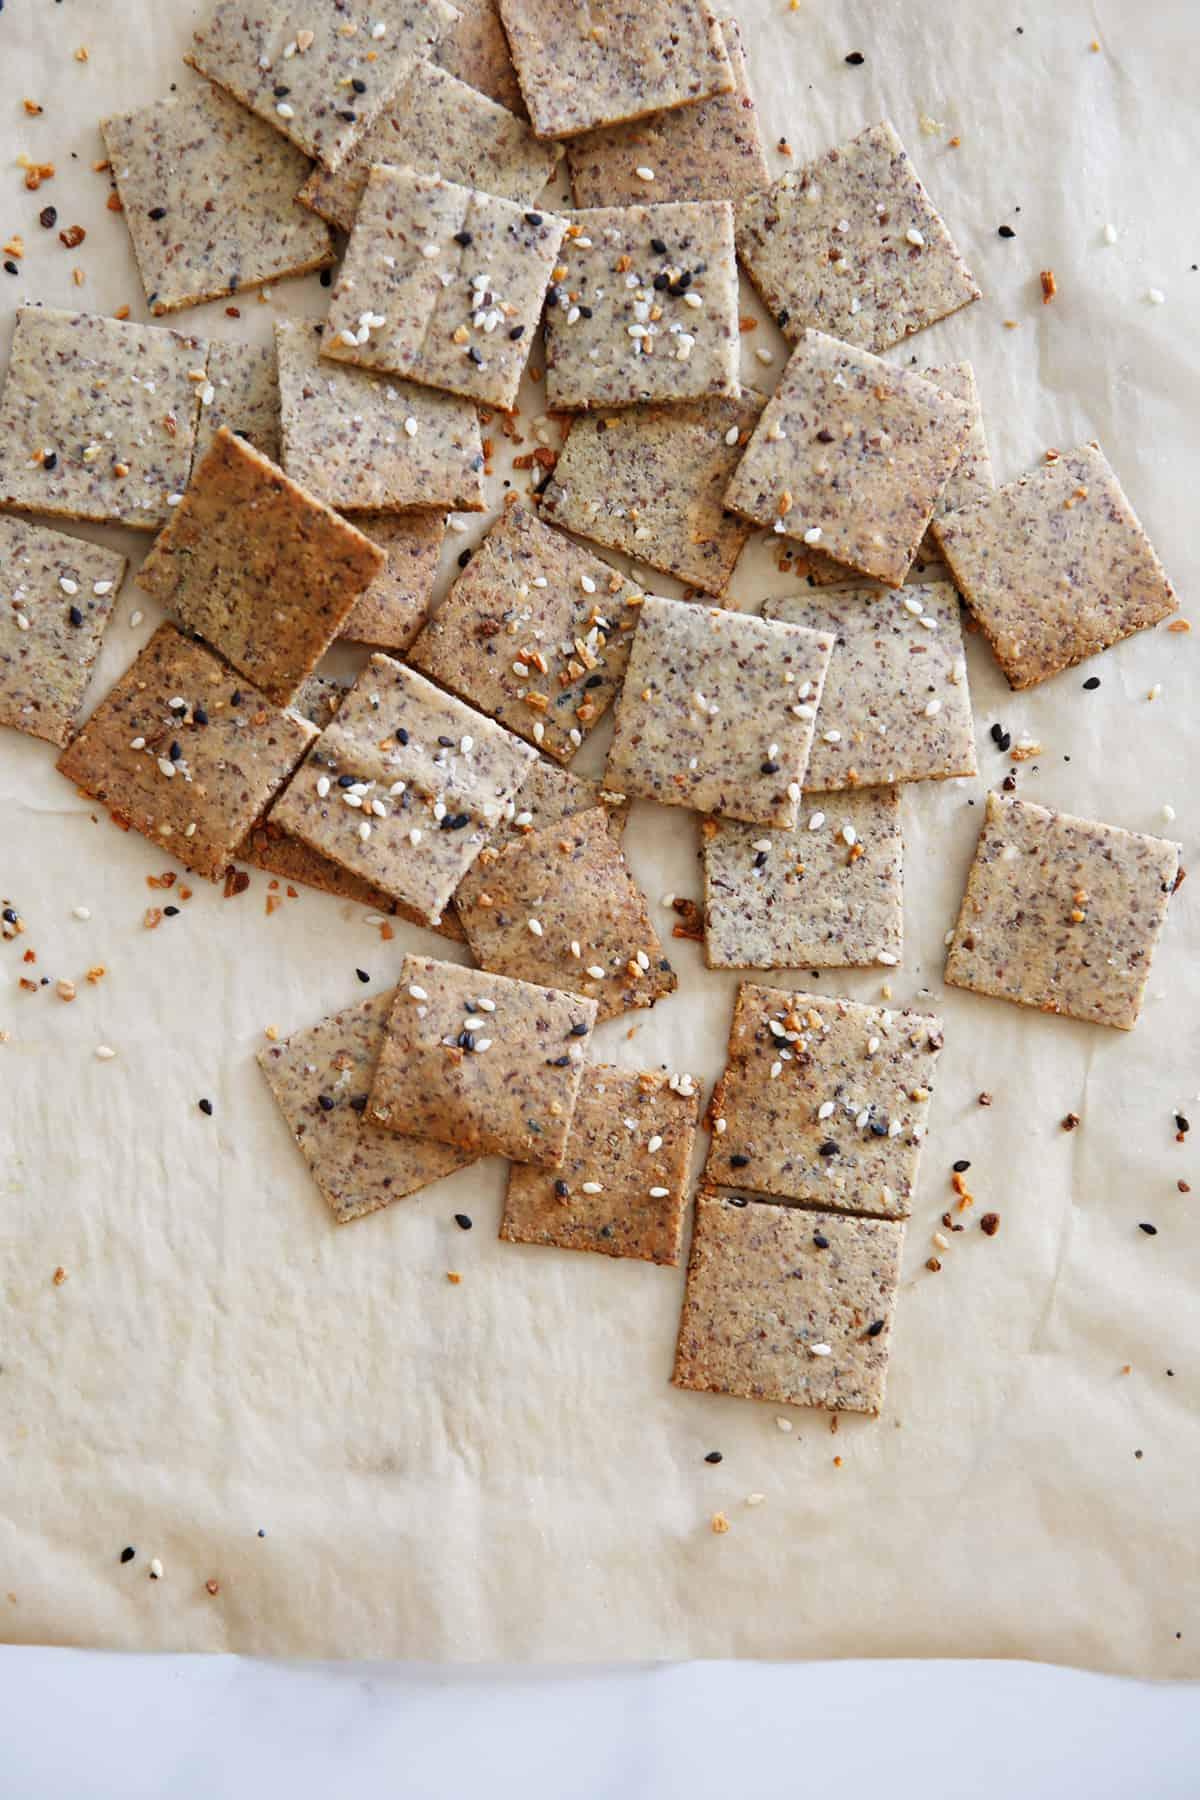 Result of easy gluten free cracker recipe